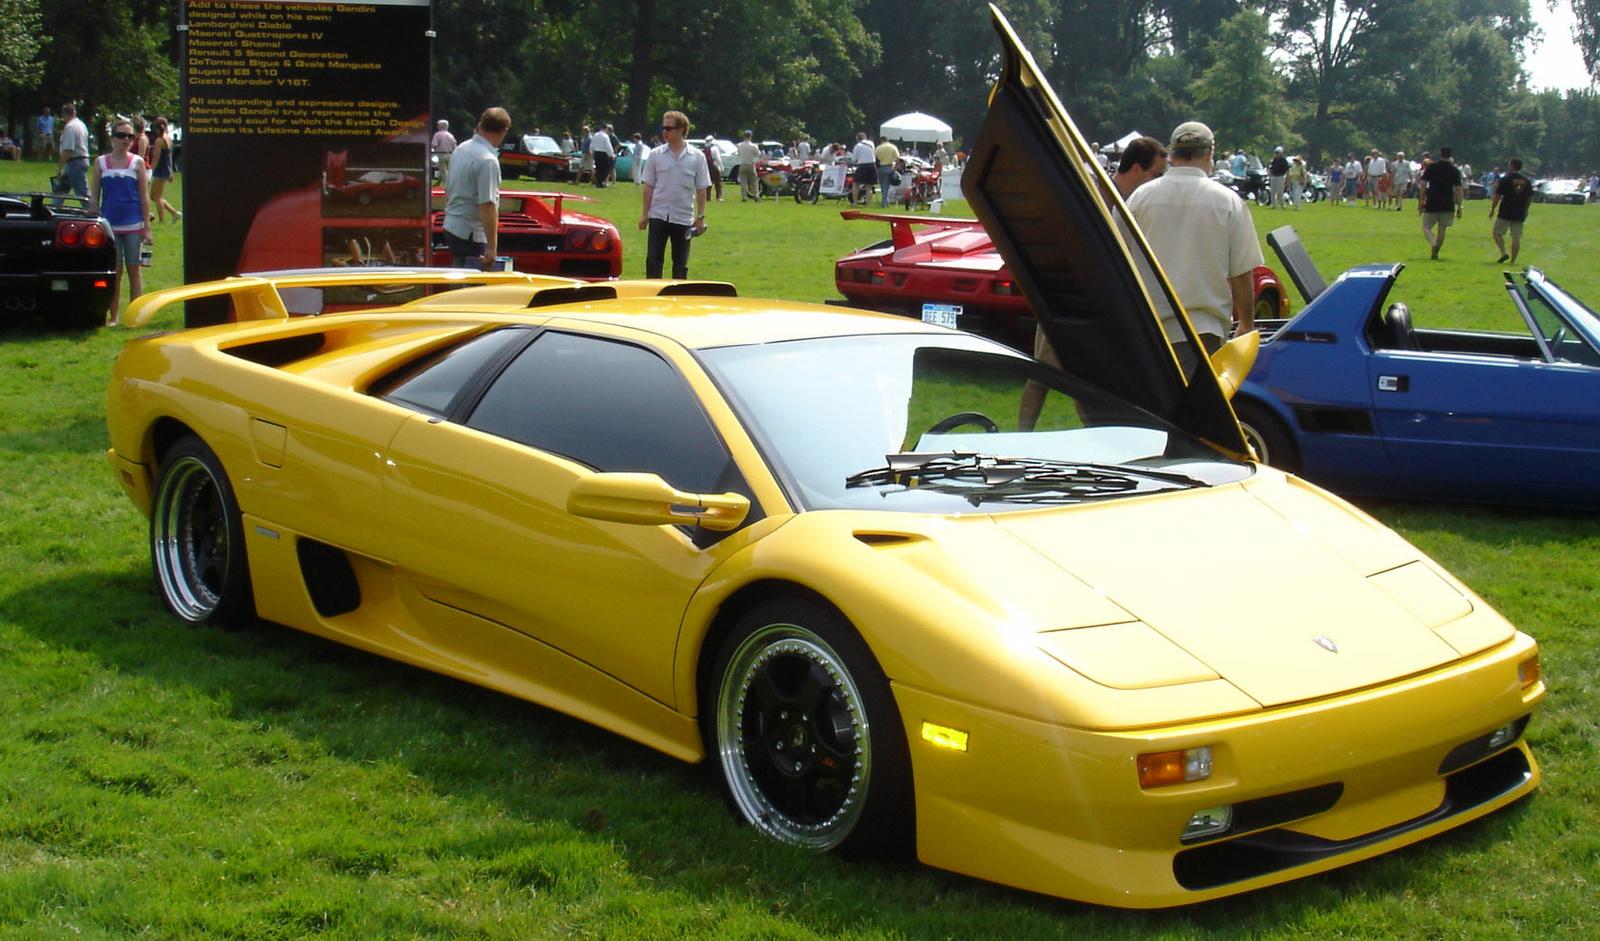 2000 Lamborghini Diablo Pictures Cargurus